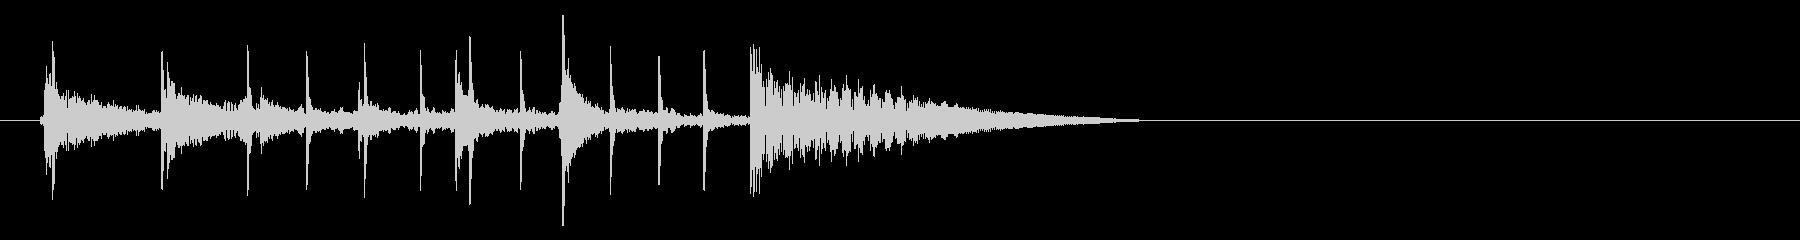 三味線と太鼓と笛の不穏な感じのVr2の未再生の波形